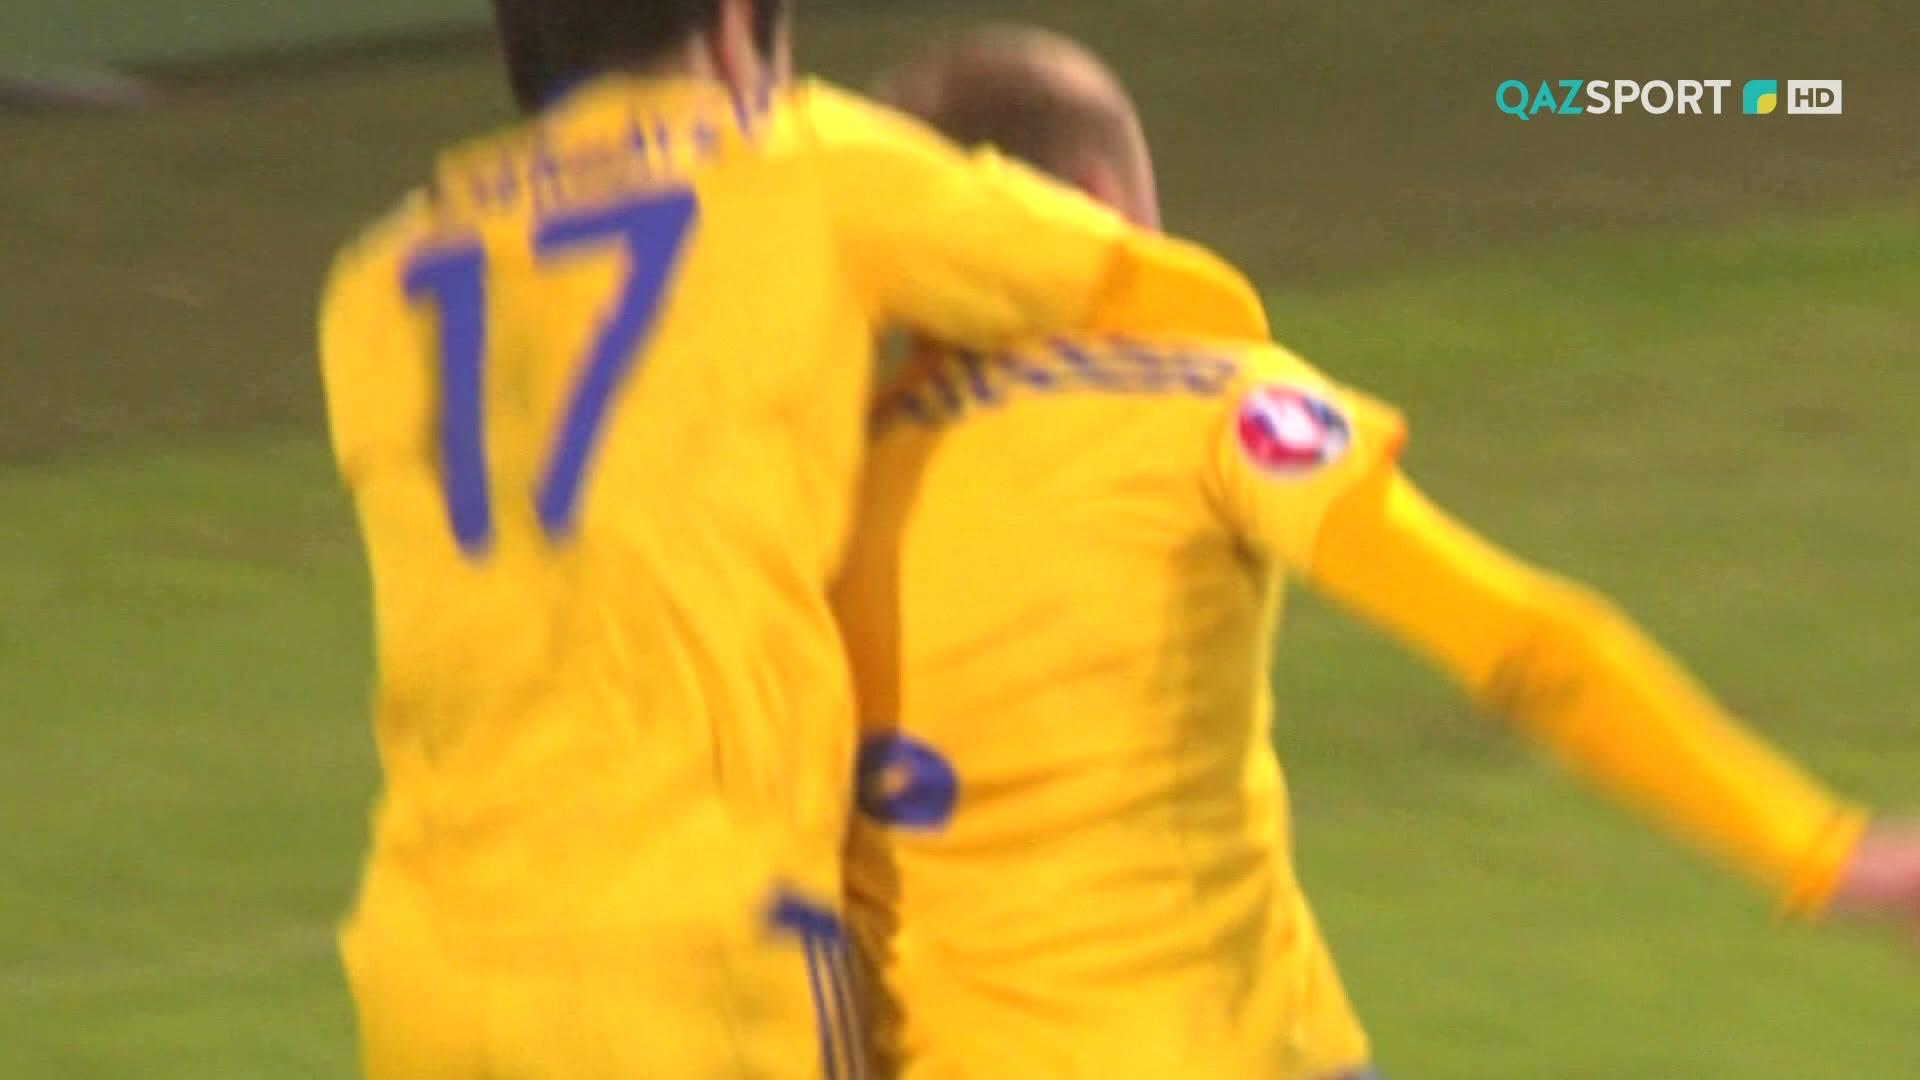 Телеканал «QAZSPORT»  покажет в прямом эфире футбольный матч Румыния - Казахстан